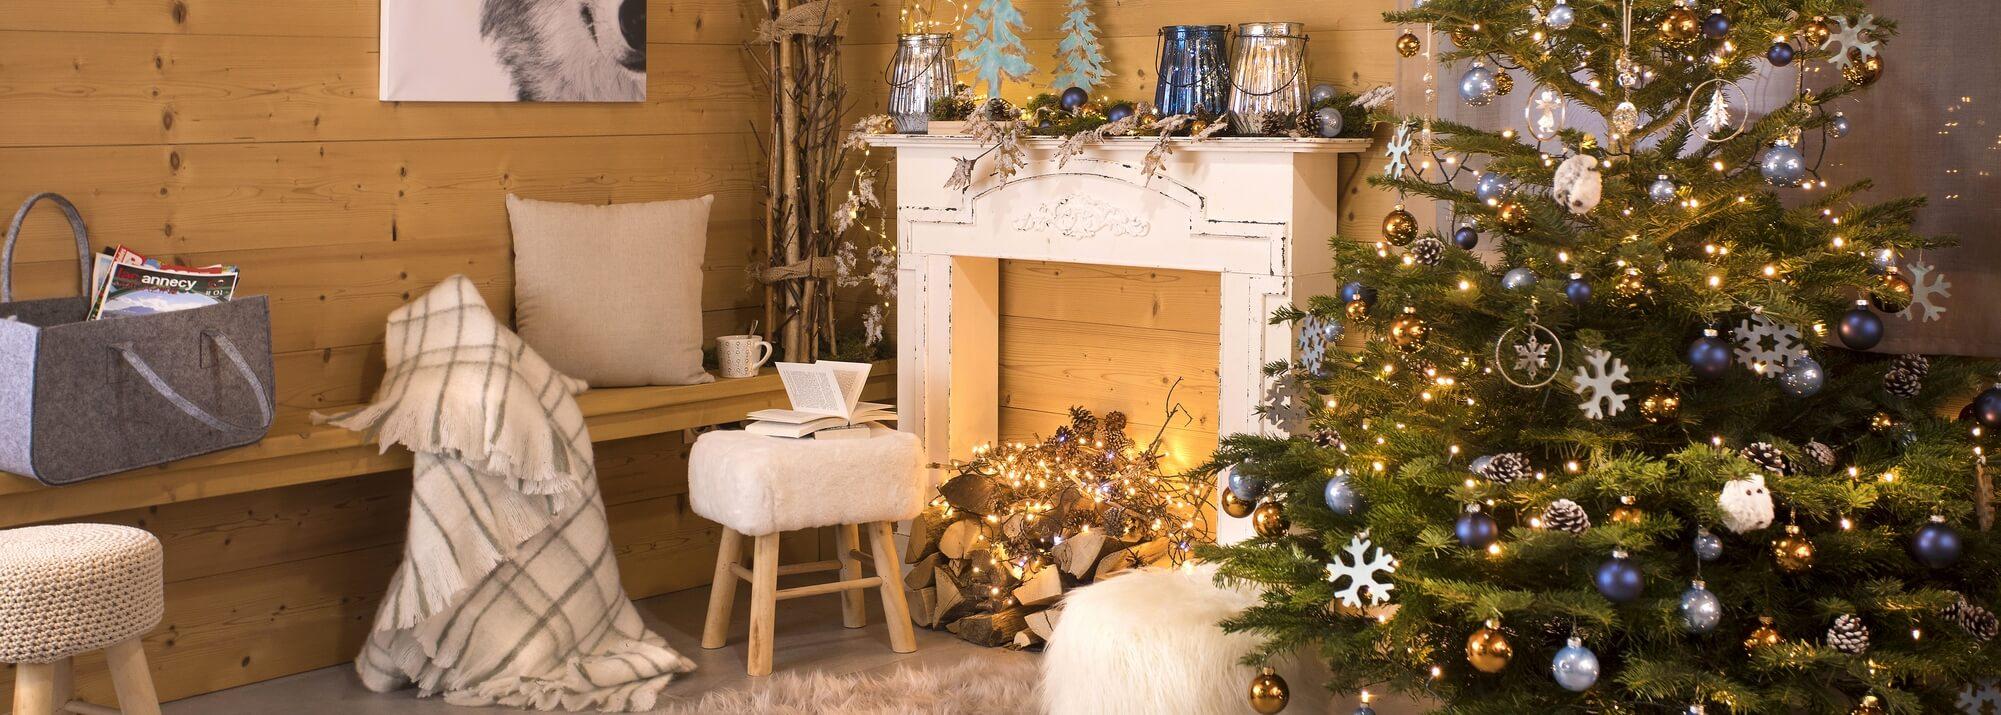 Décorations De Noël Pour La Maison Décoration De La Maison